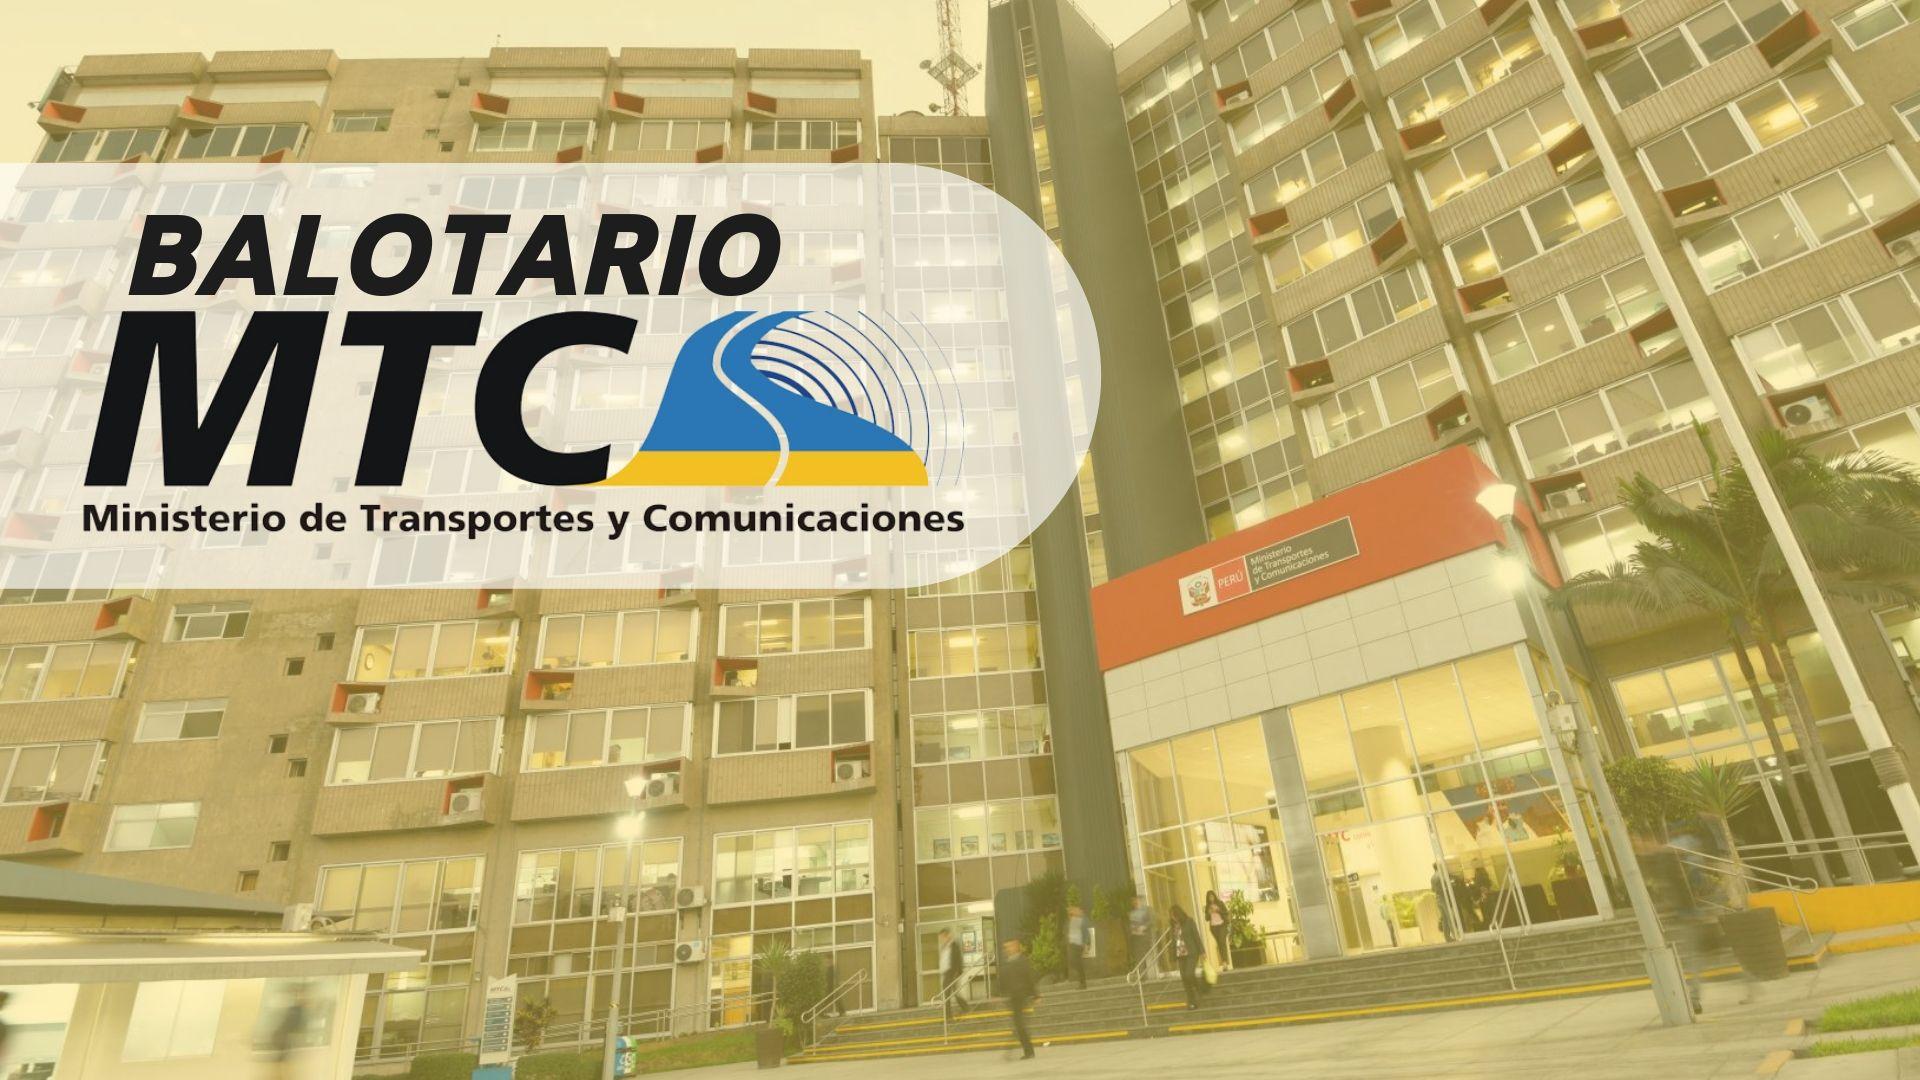 Balotario MTC Perú